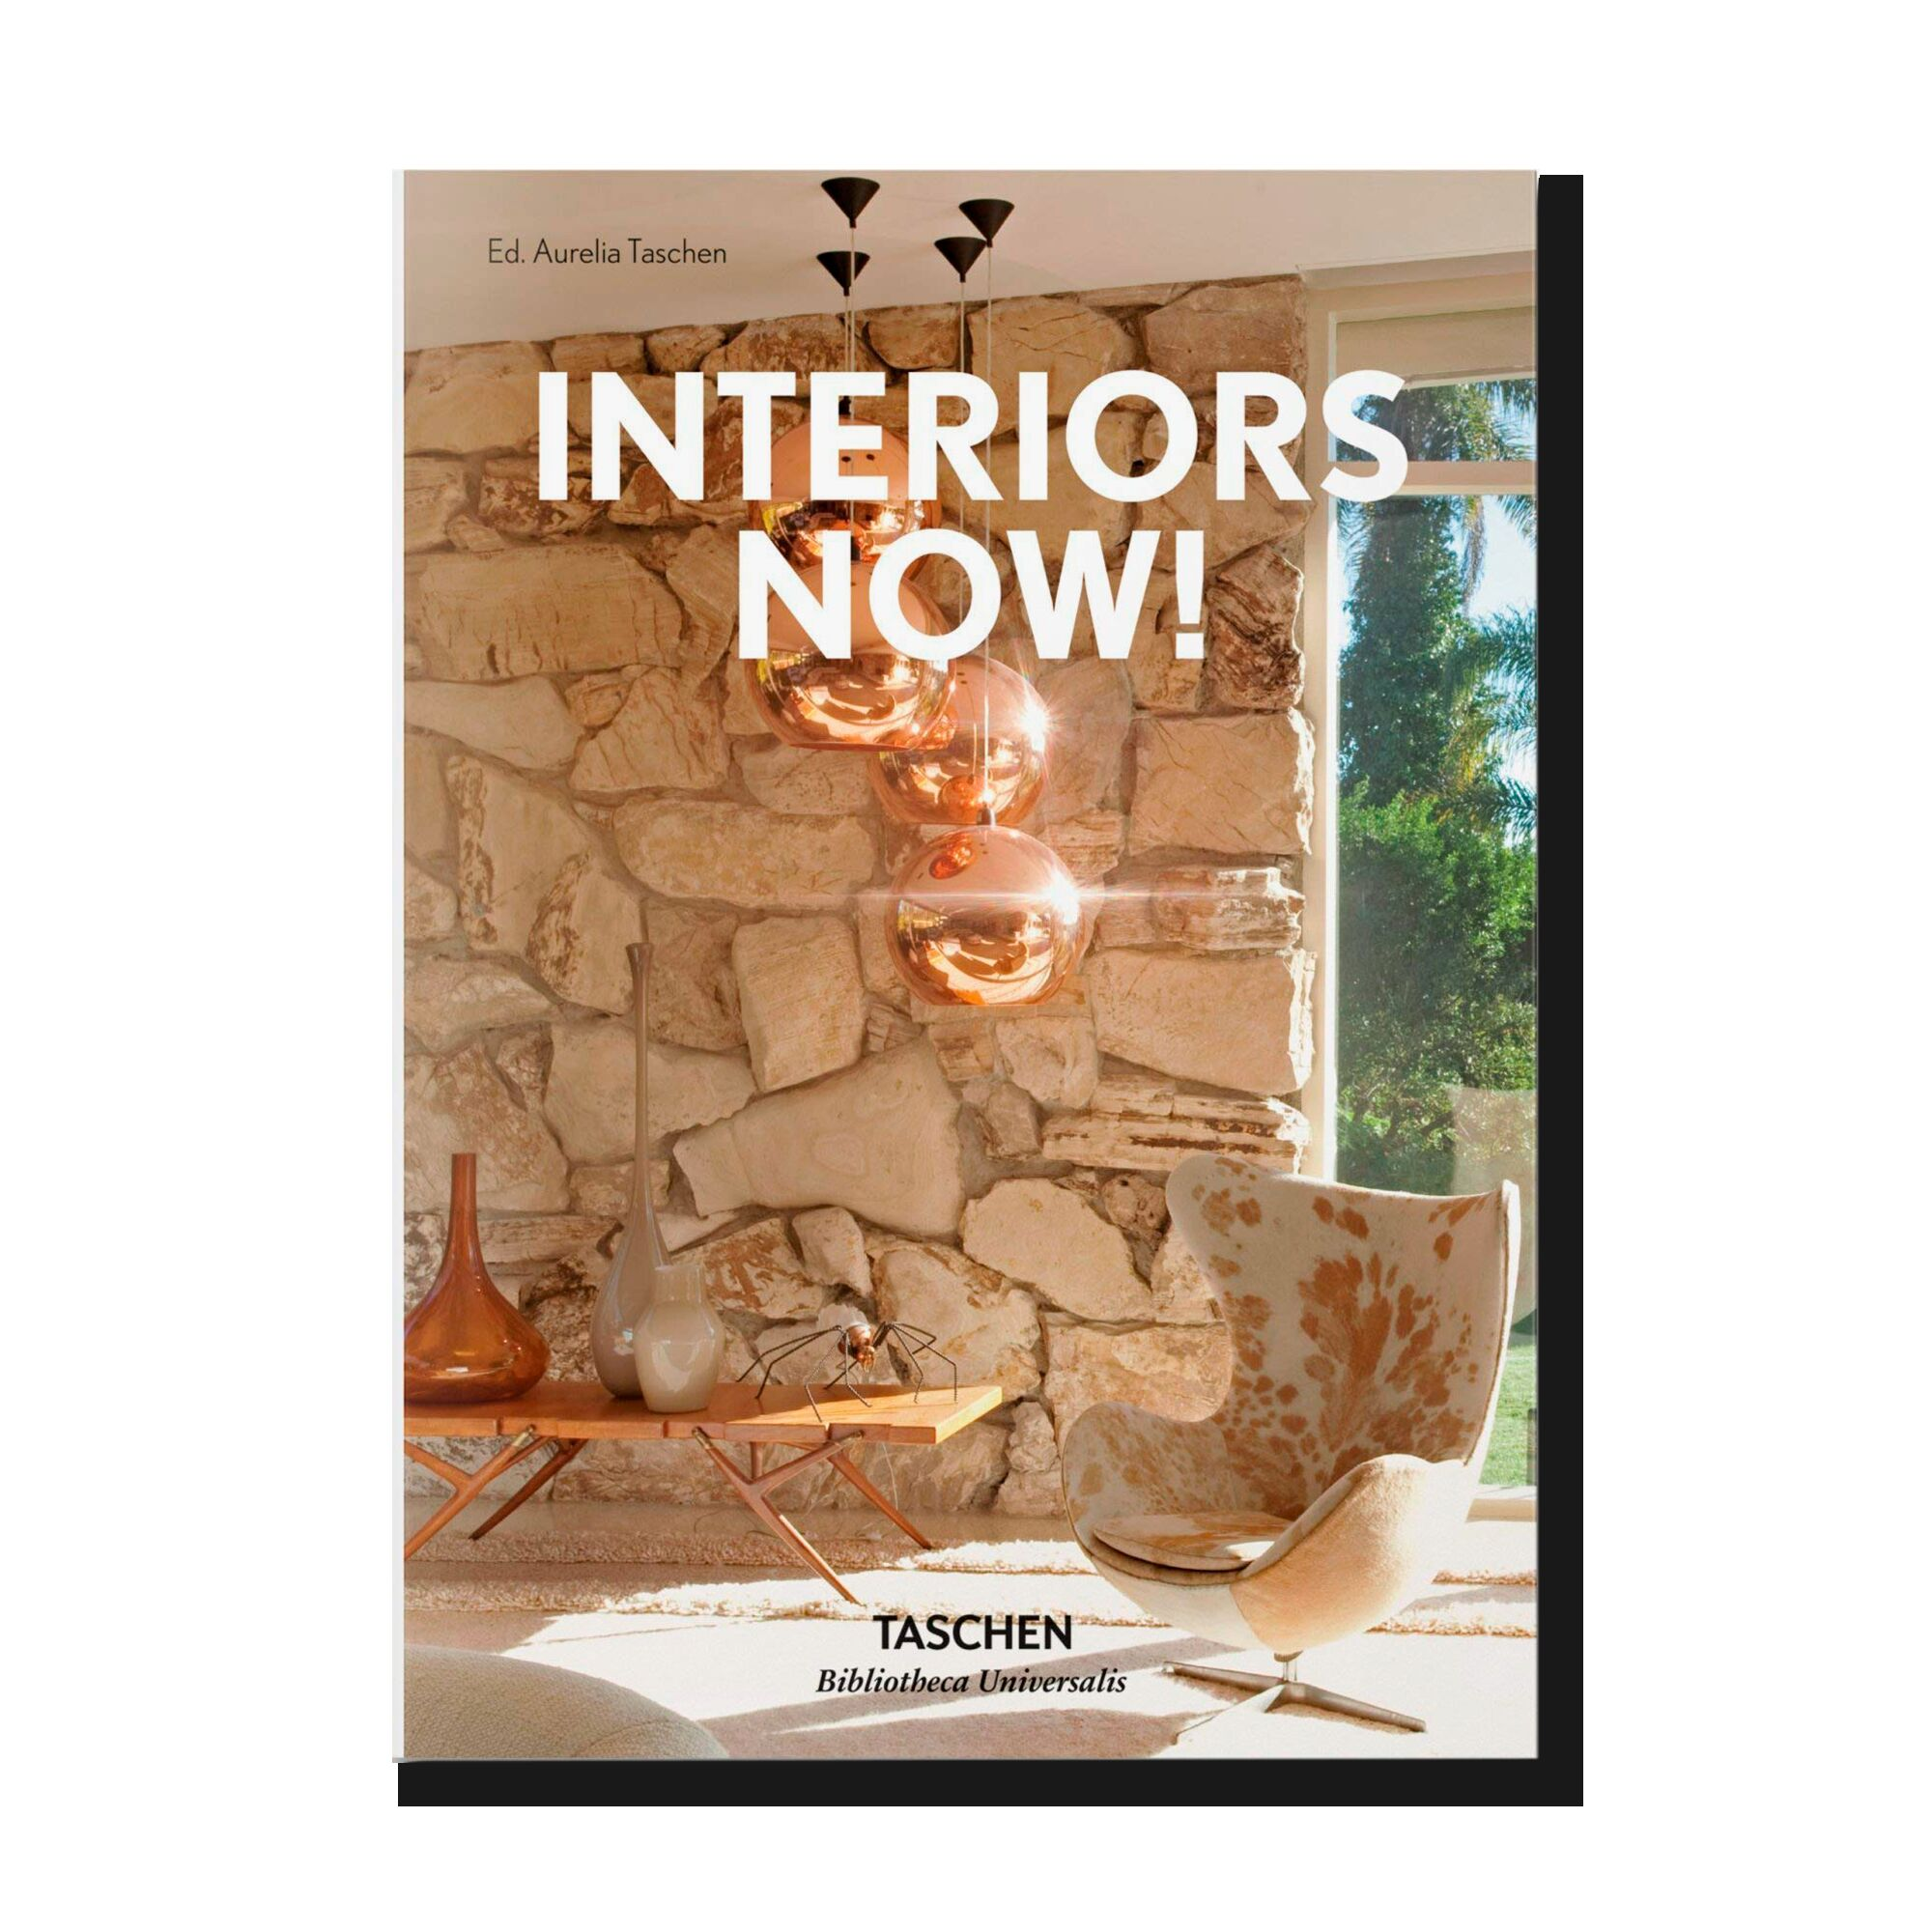 Interiors Now! (Bibliotheca Universalis)